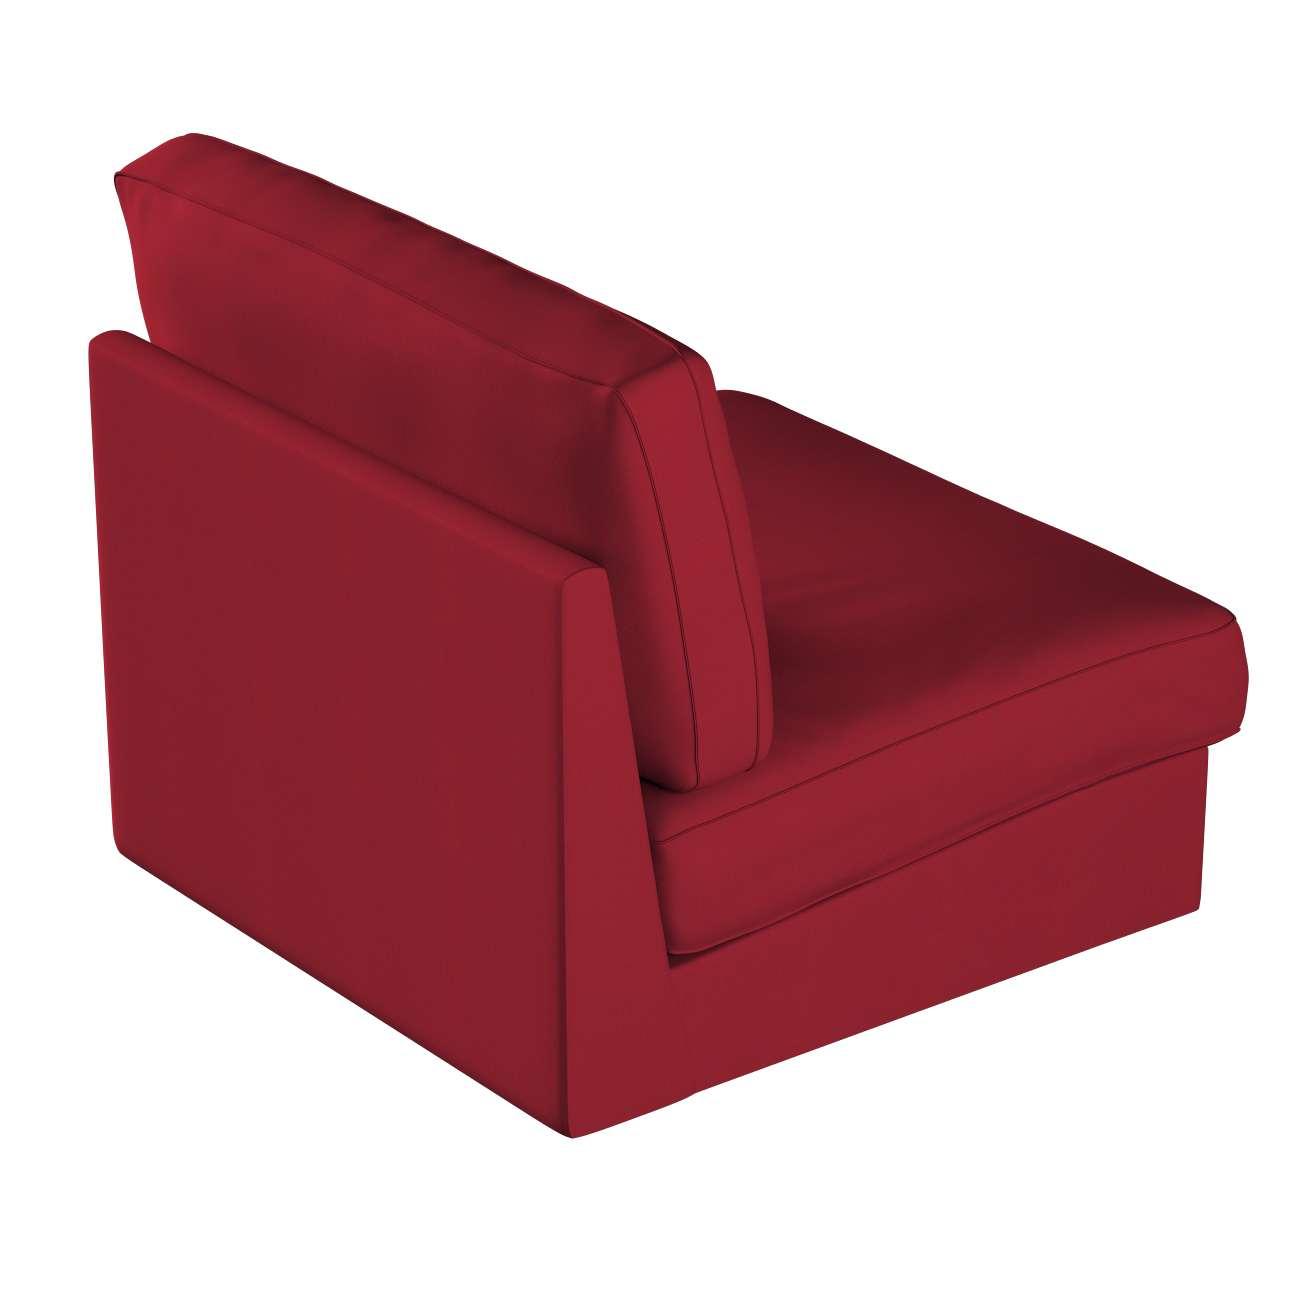 KIVIK fotelio/vienvietės dalies užvalkalas kolekcijoje Chenille, audinys: 702-24